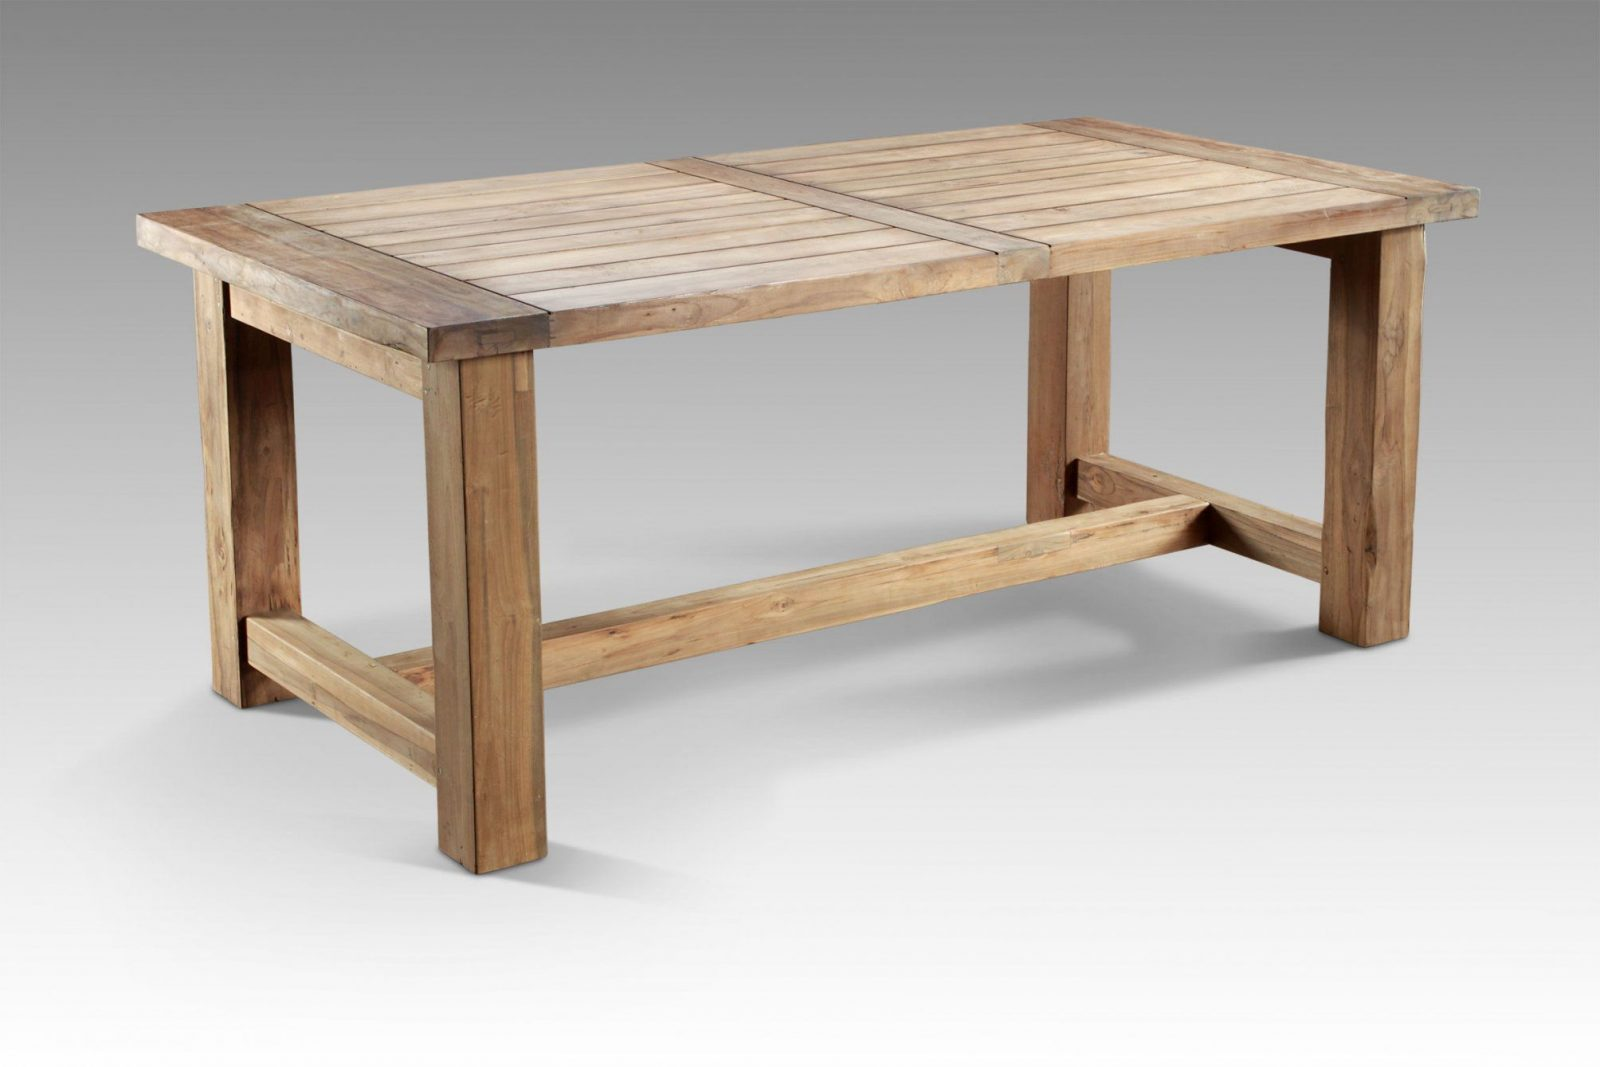 Schwarz Und Weiß Küchen Inspirationen Zum Gartentisch Holz Rustikal von Gartentisch Holz Rustikal Selber Bauen Bild